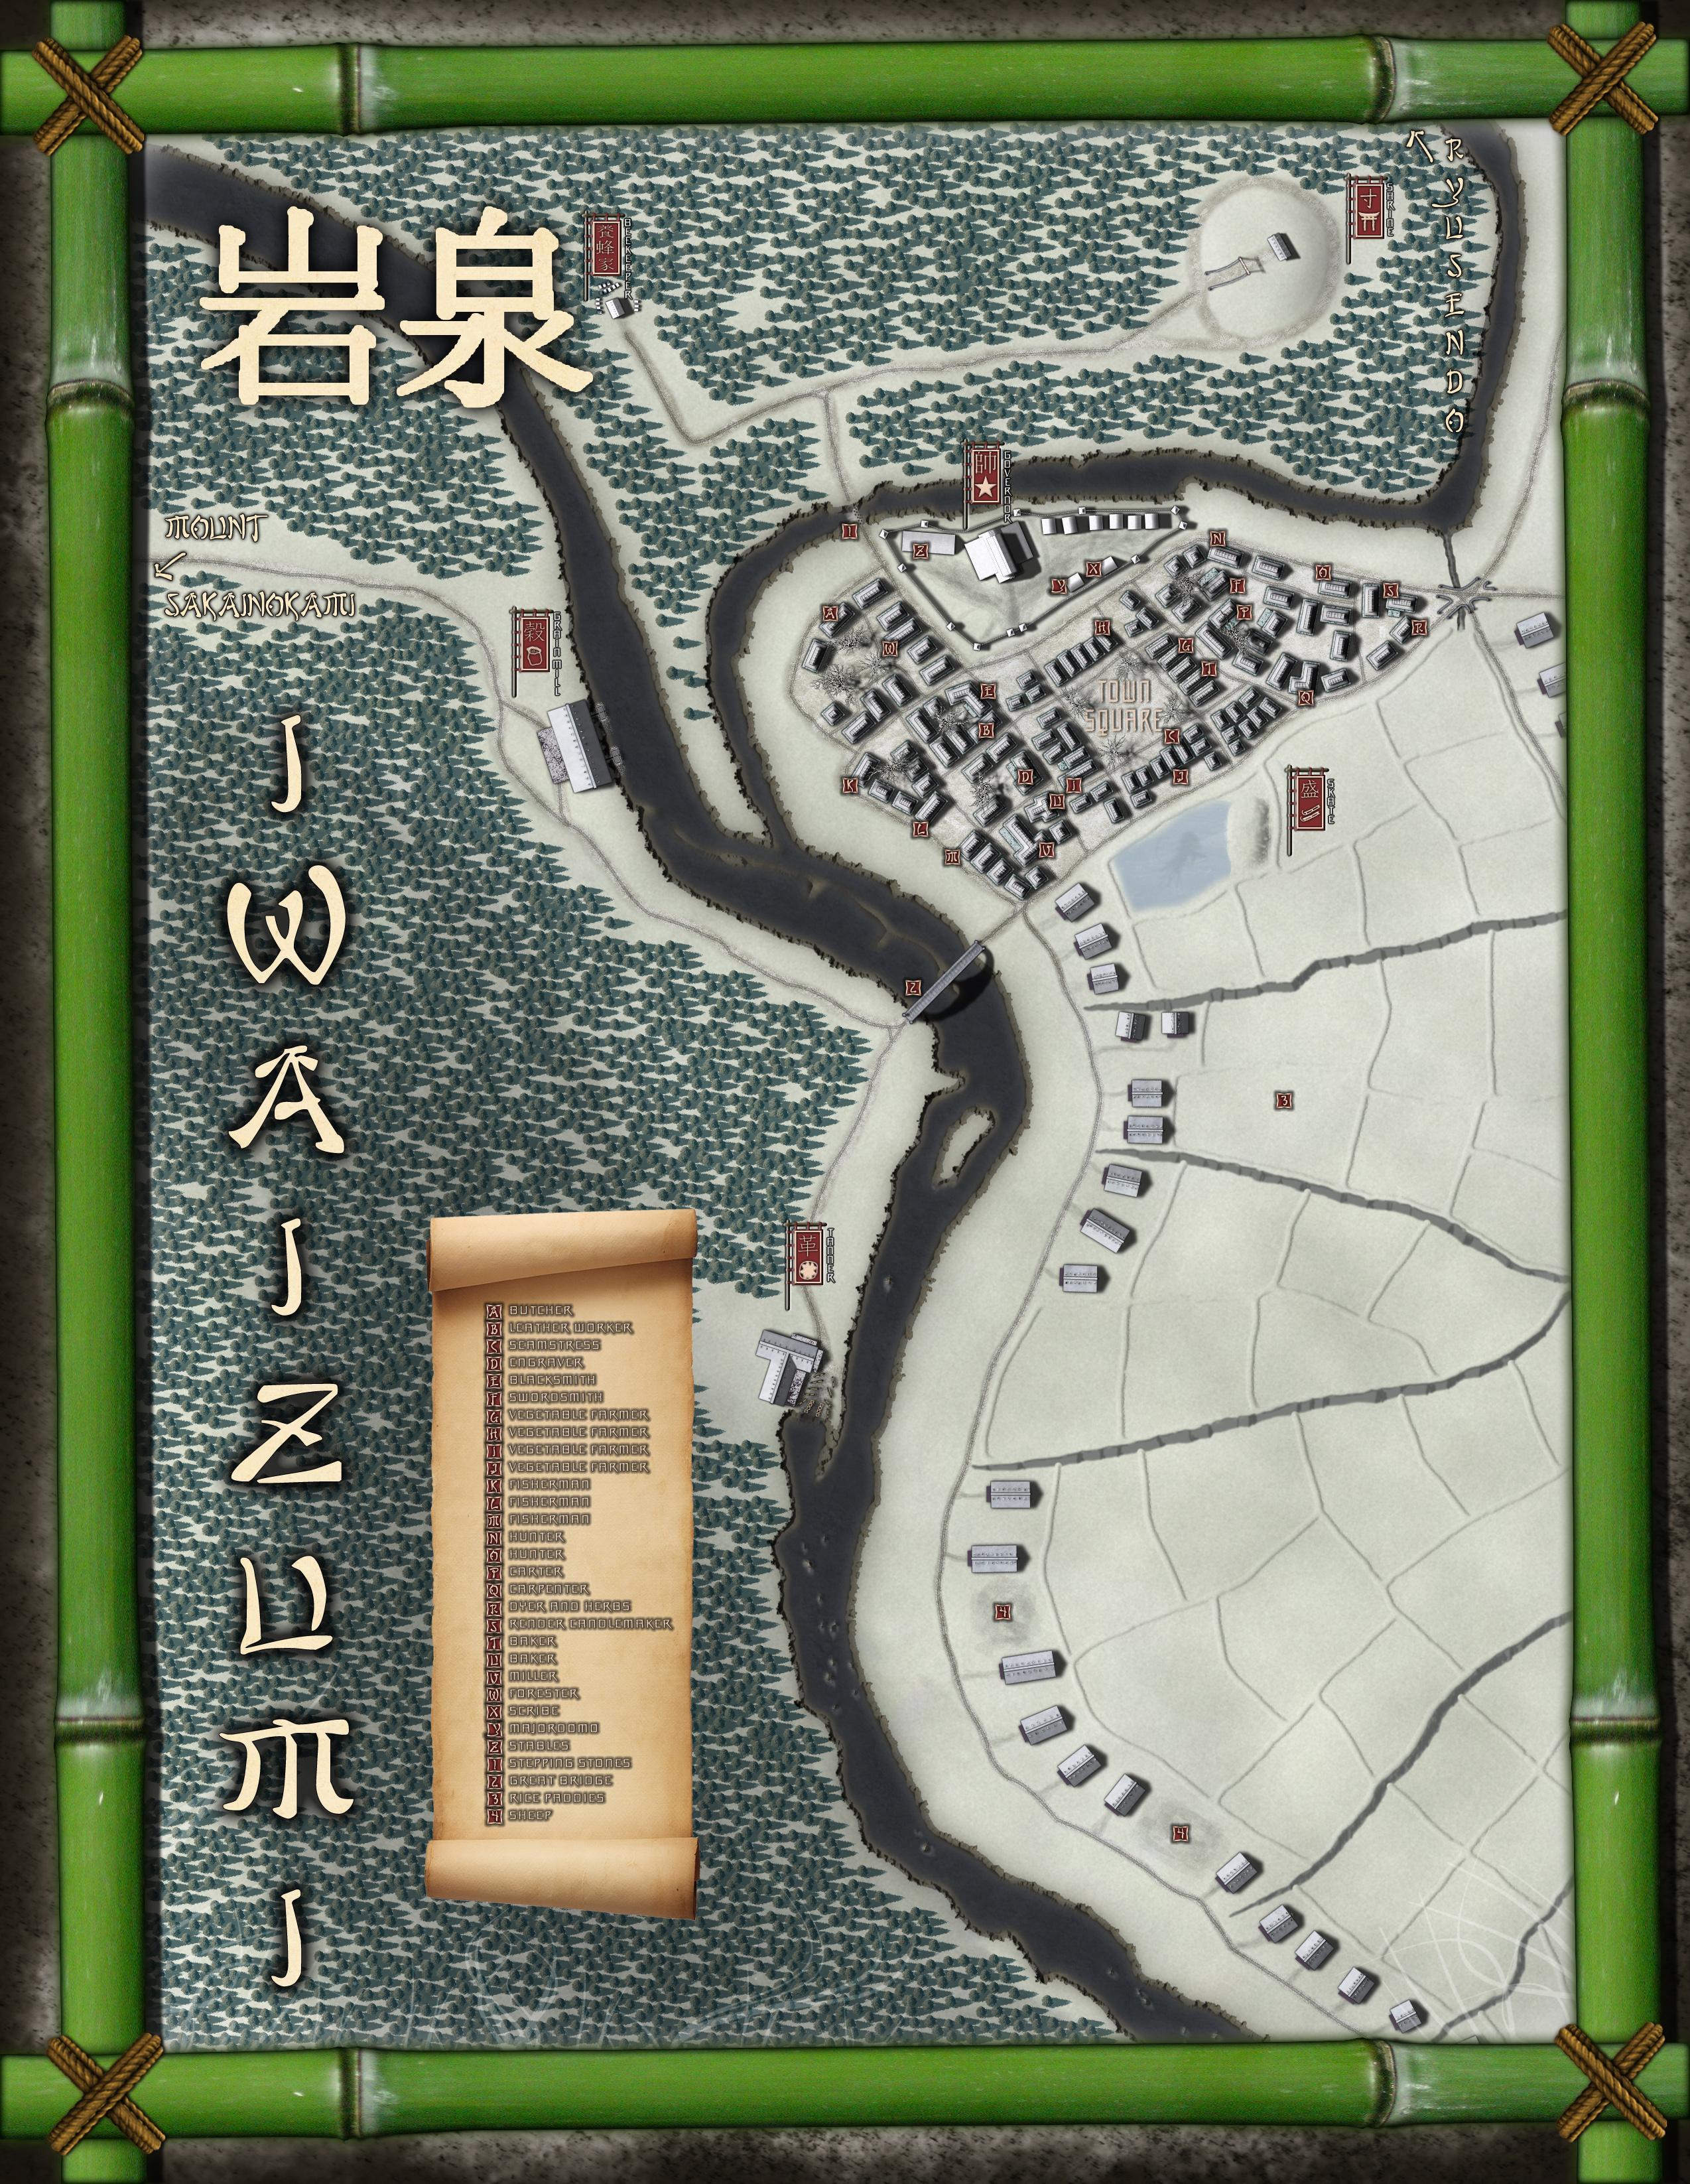 Iwaizumi.